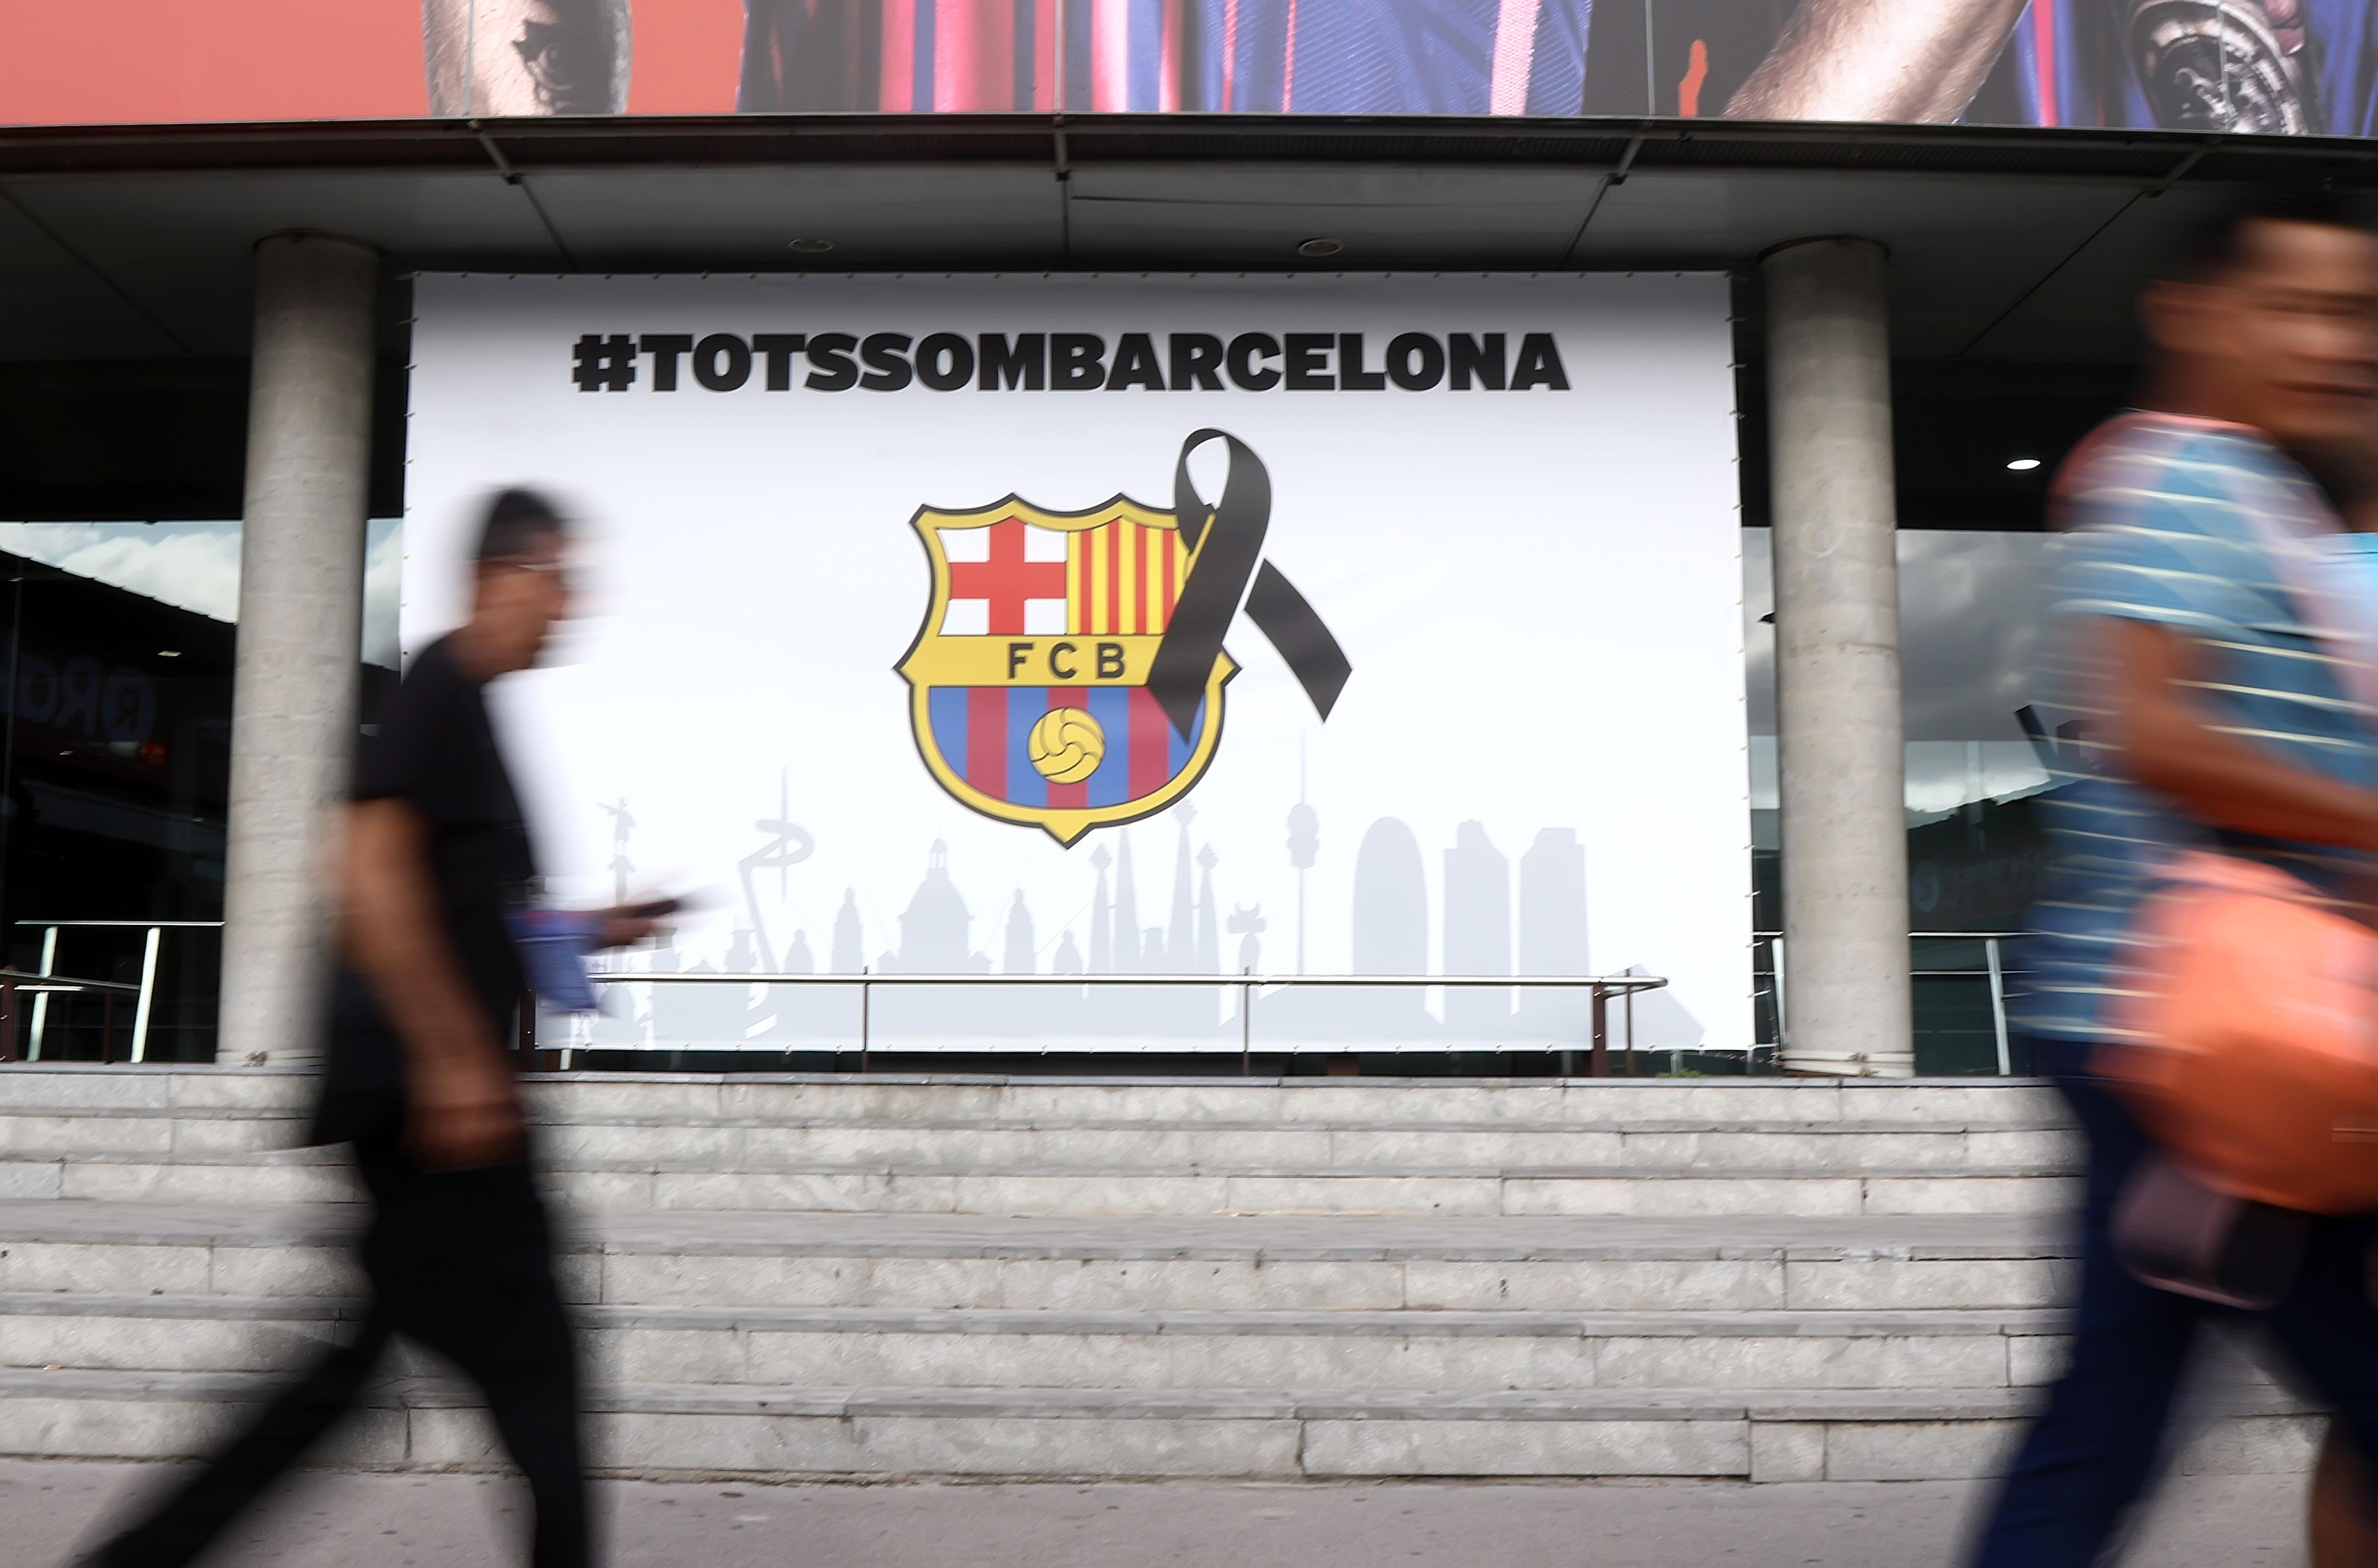 """(170820) -- BARCELONA, agosto 20, 2017 (Xinhua) -- Personas caminan frente a una imagen que dice """"Todos somos Barcelona"""", previo al partido de La Liga española, entre Barcelona y Real Betis, celebrado en el estadio Camp Nou en Barcelona, España, el 20 de agosto de 2017. (Xinhua/Rex Shutterstock/ZUMAPRESS) (ma) (fnc) ***DERECHOS DE USO UNICAMENTE PARA NORTE Y SUDAMERICA***"""